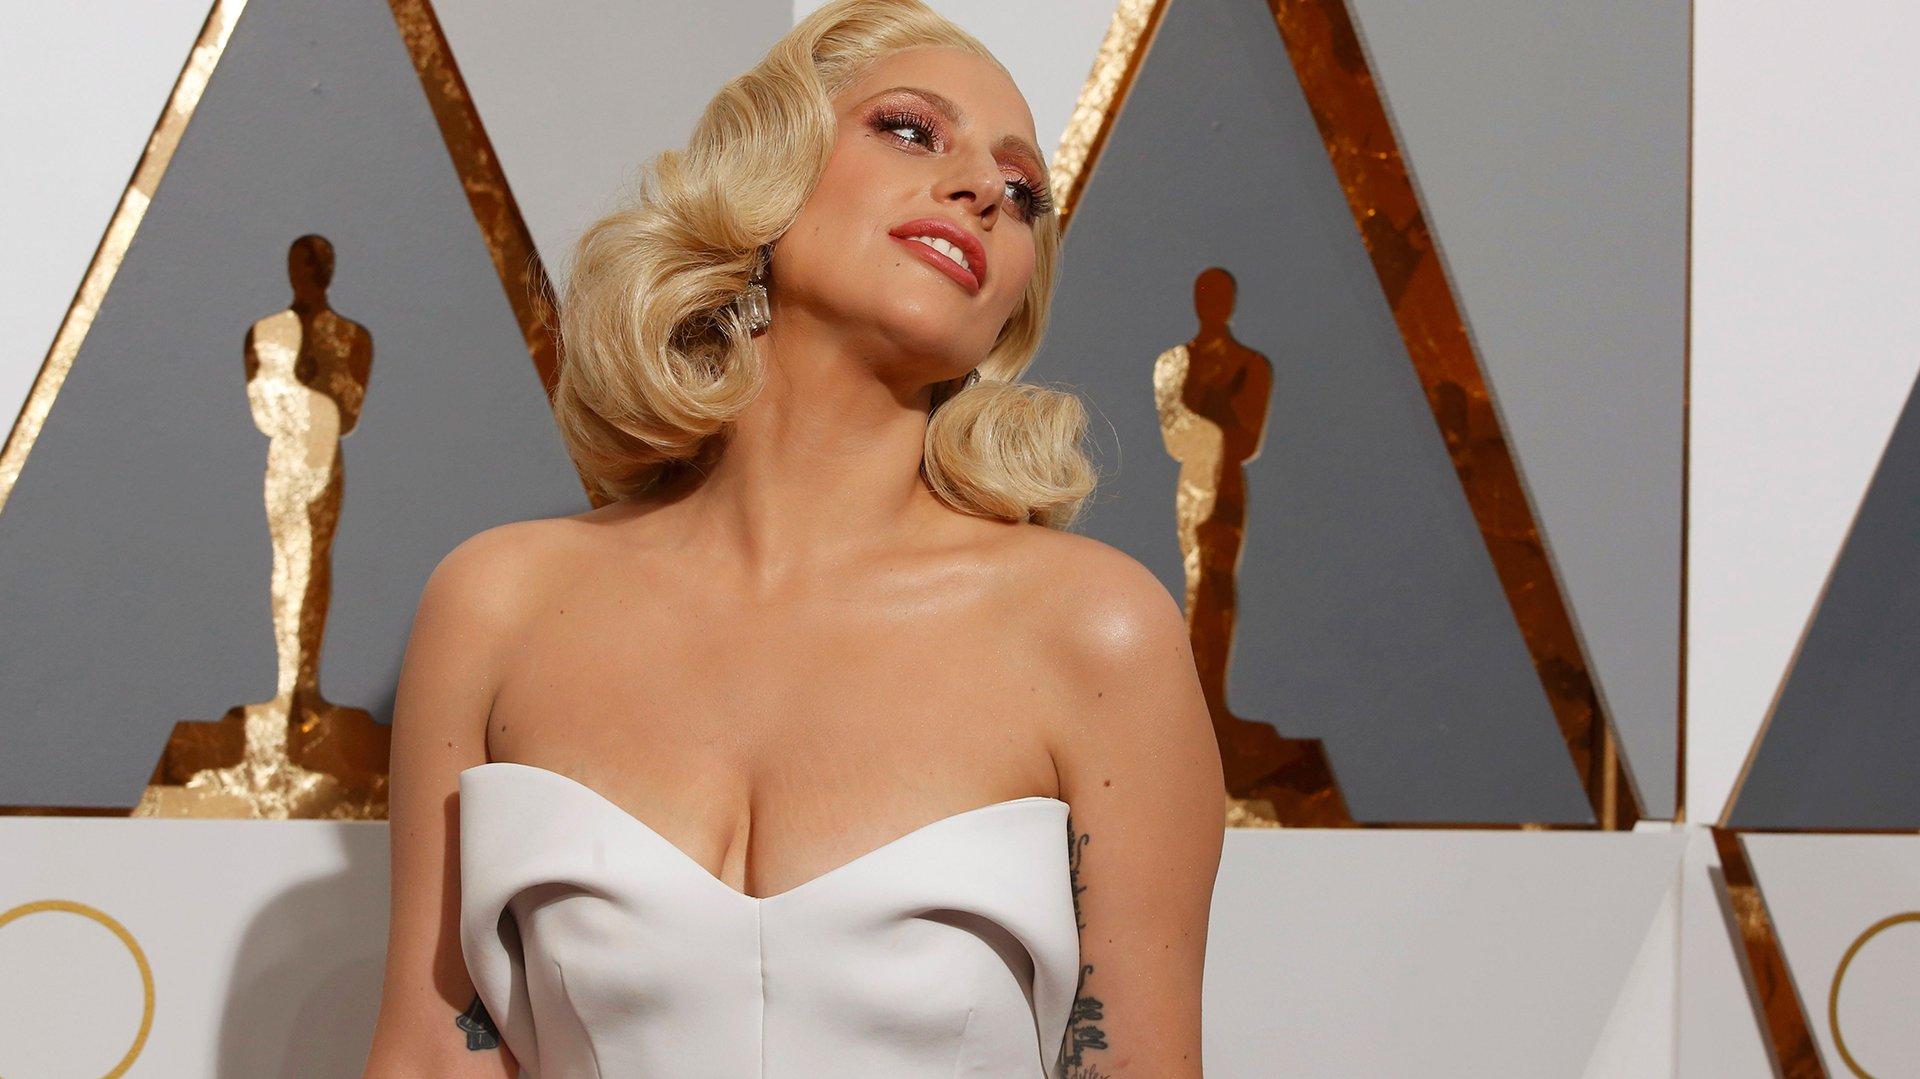 Lady Gaga, siempre espléndida. Esta vez, con un look blanco inmaculado.